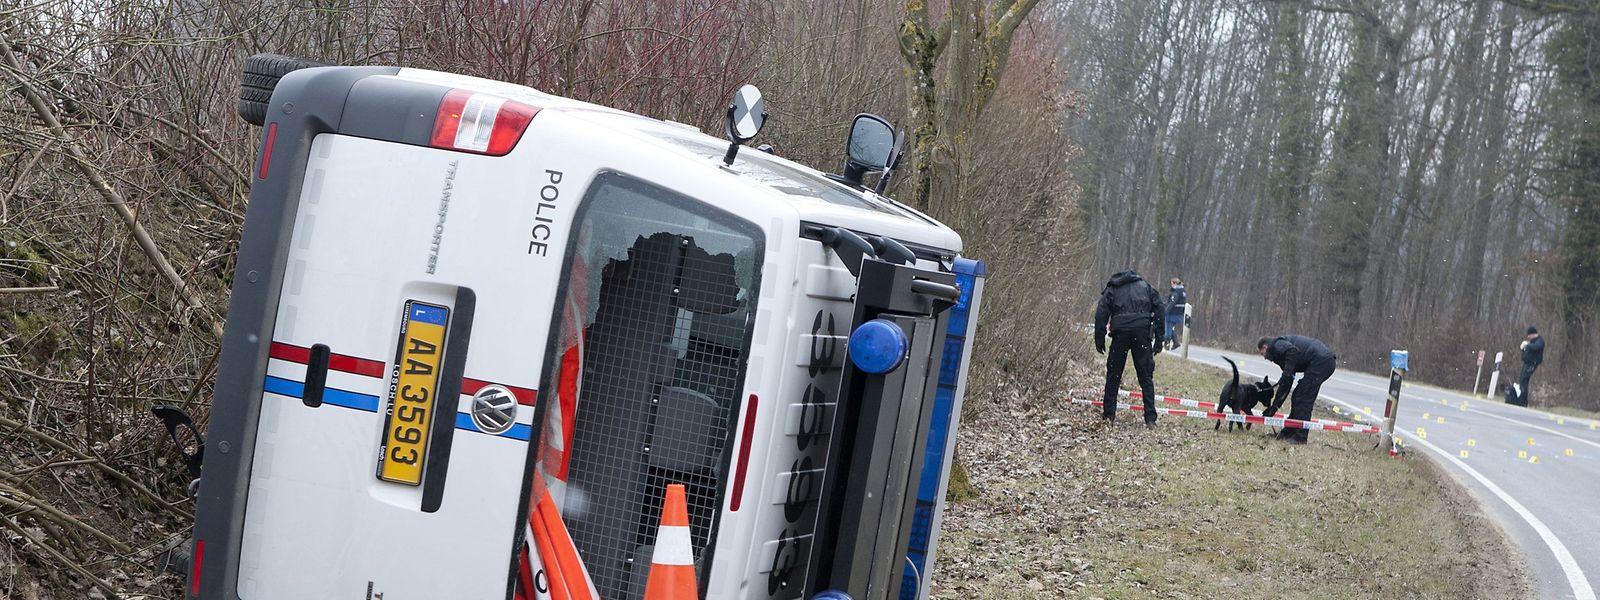 Am 3. April 2013 hatten mindestens fünf Täter den G4S-Hauptsitz in Gasperich überfallen.